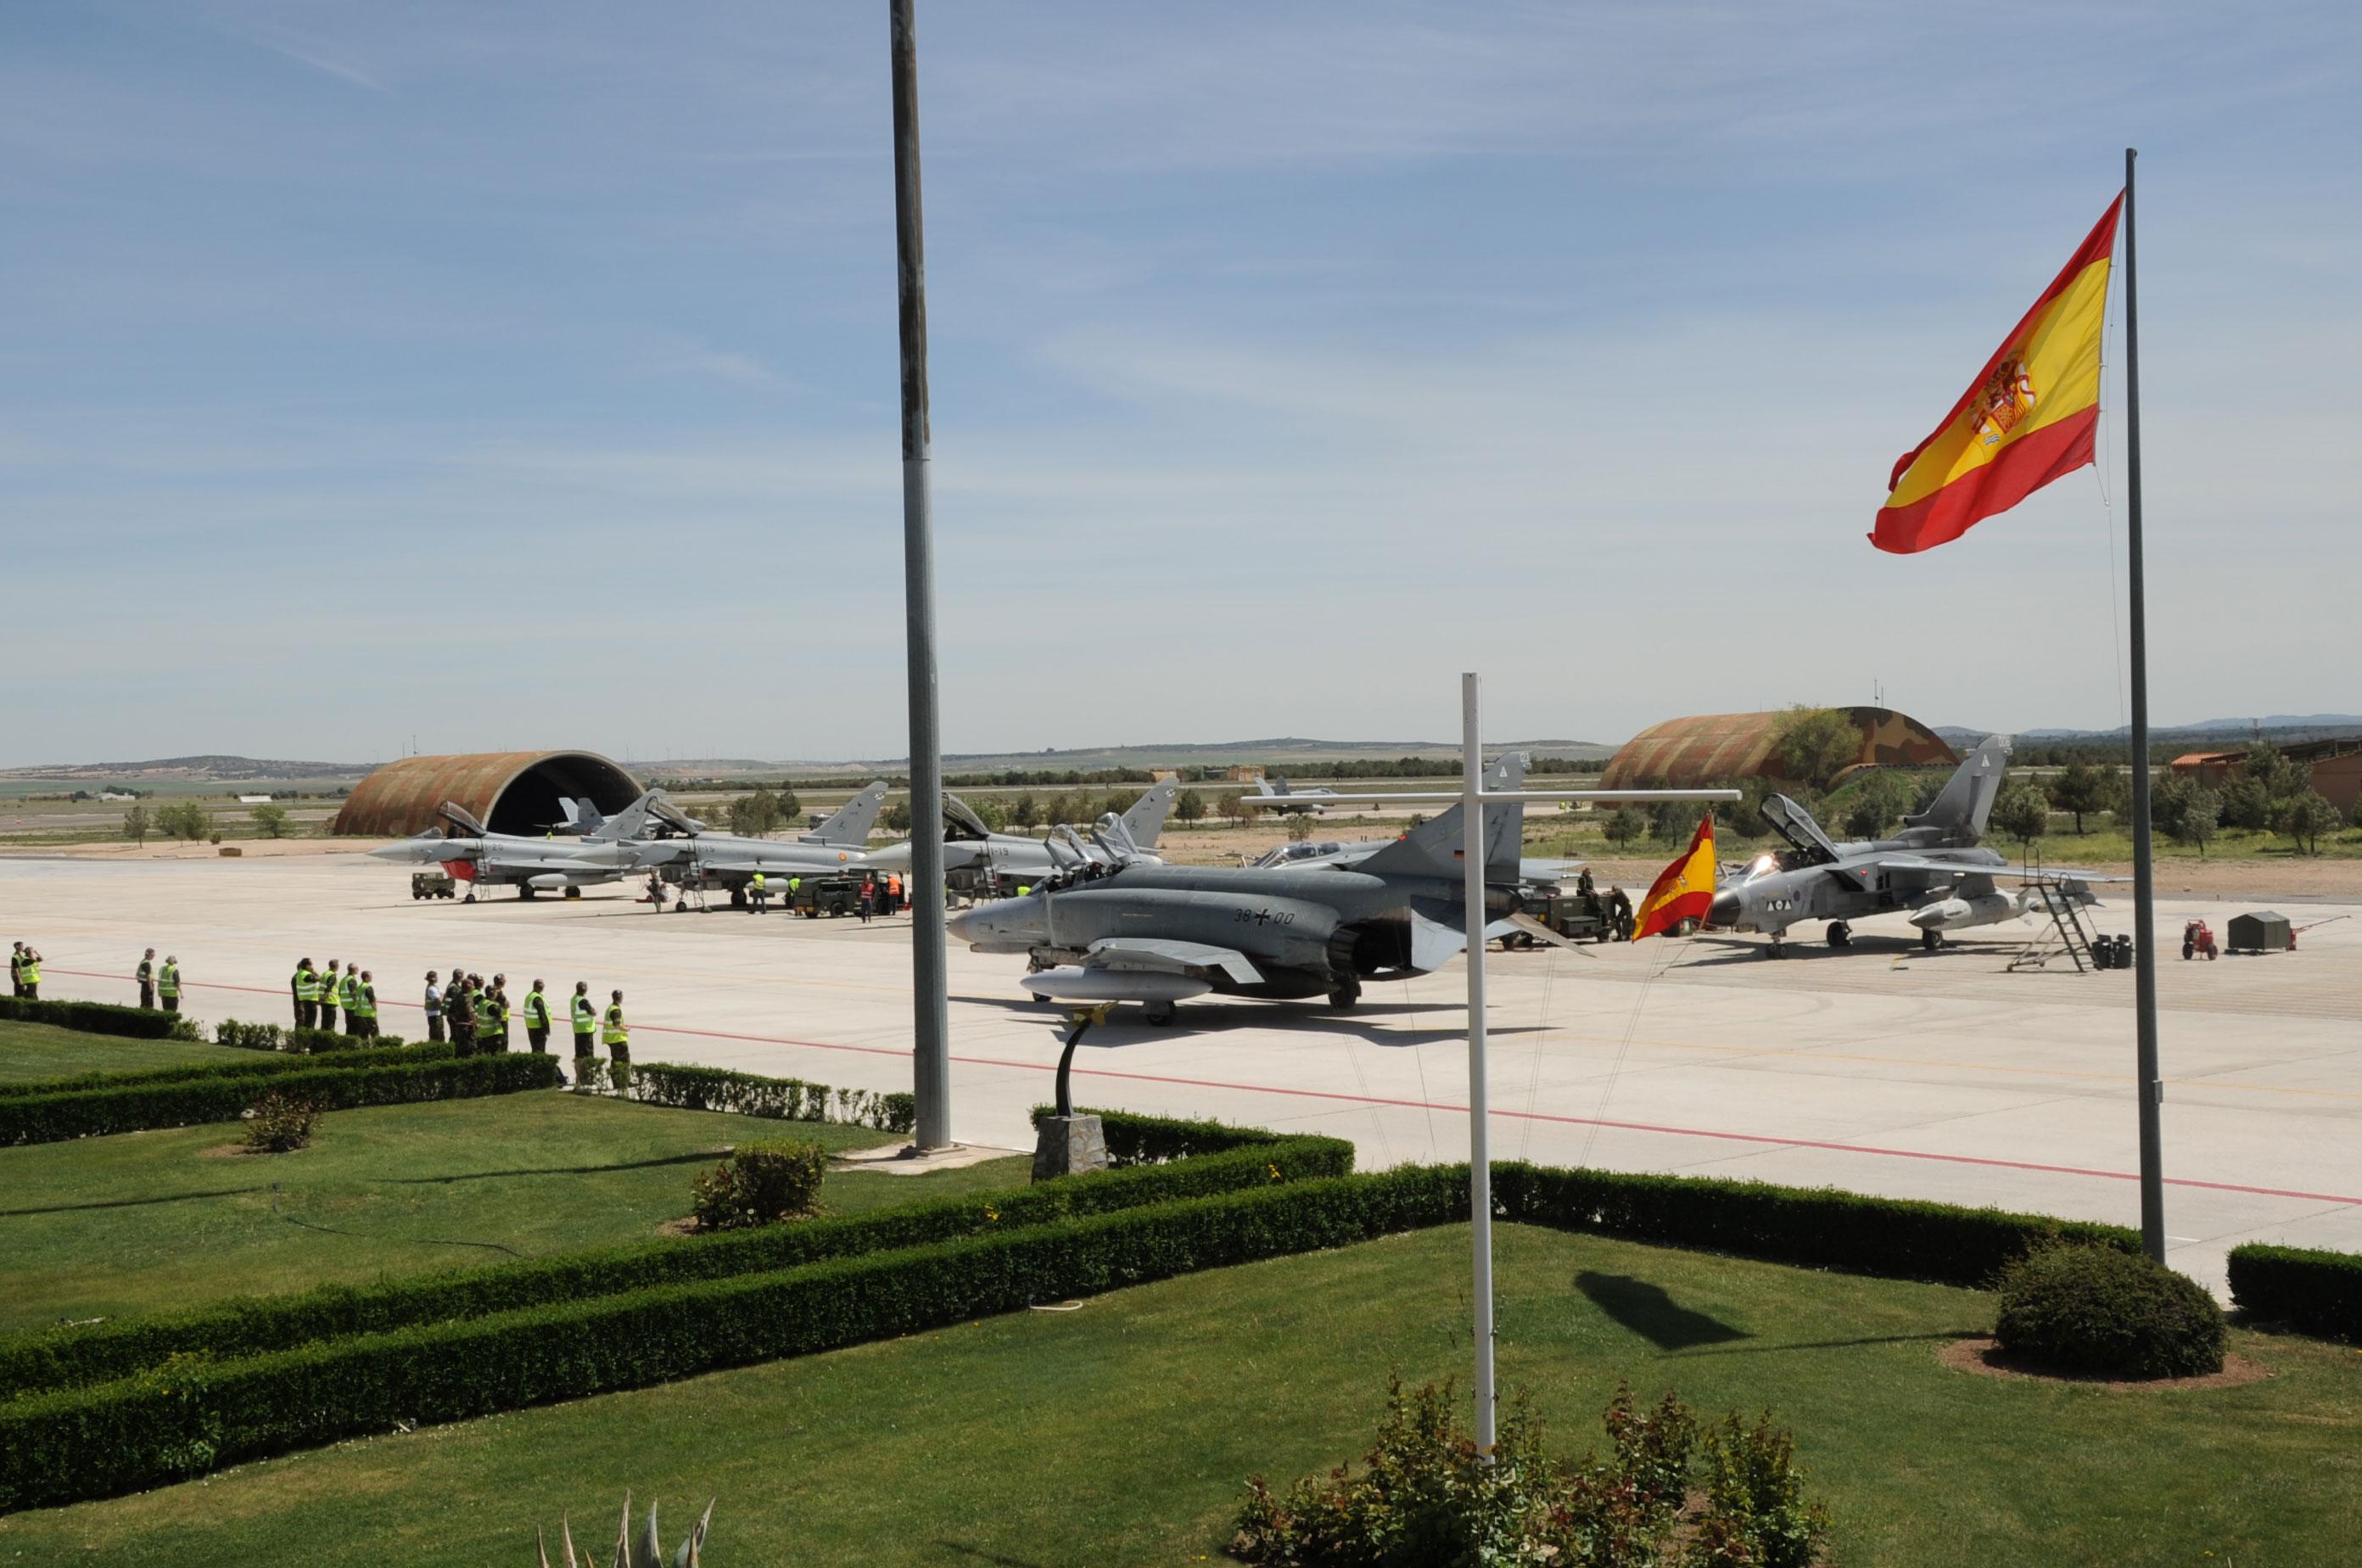 TLP abril - maio em Albacete - foto 2 Ejercito del Aire